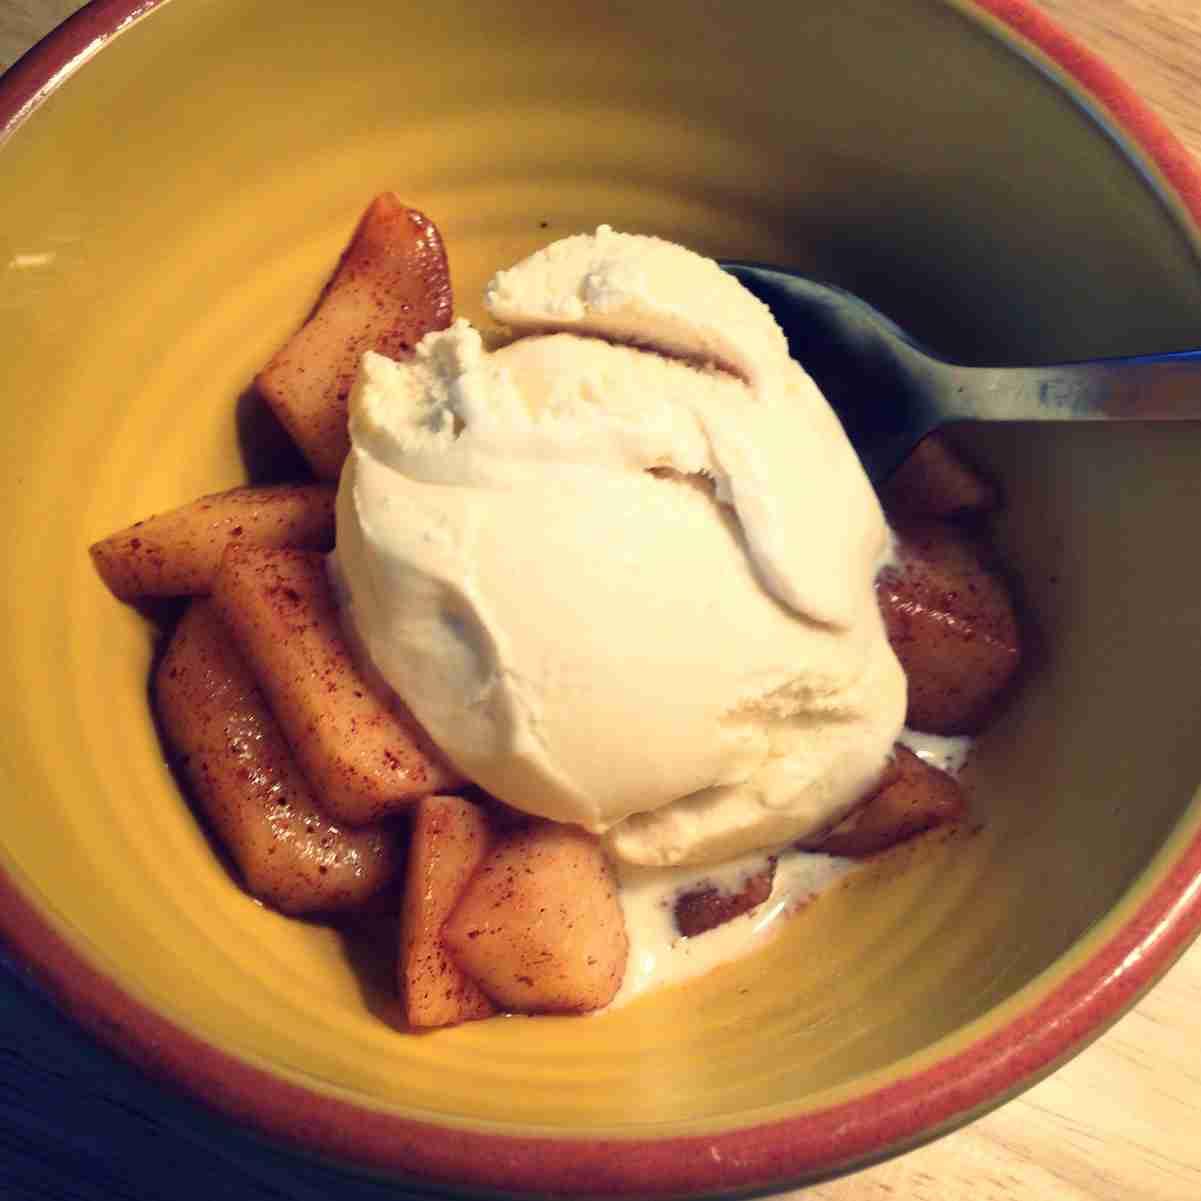 10 Ways to Eat an Apple - Rebecca Bitzer & Associates